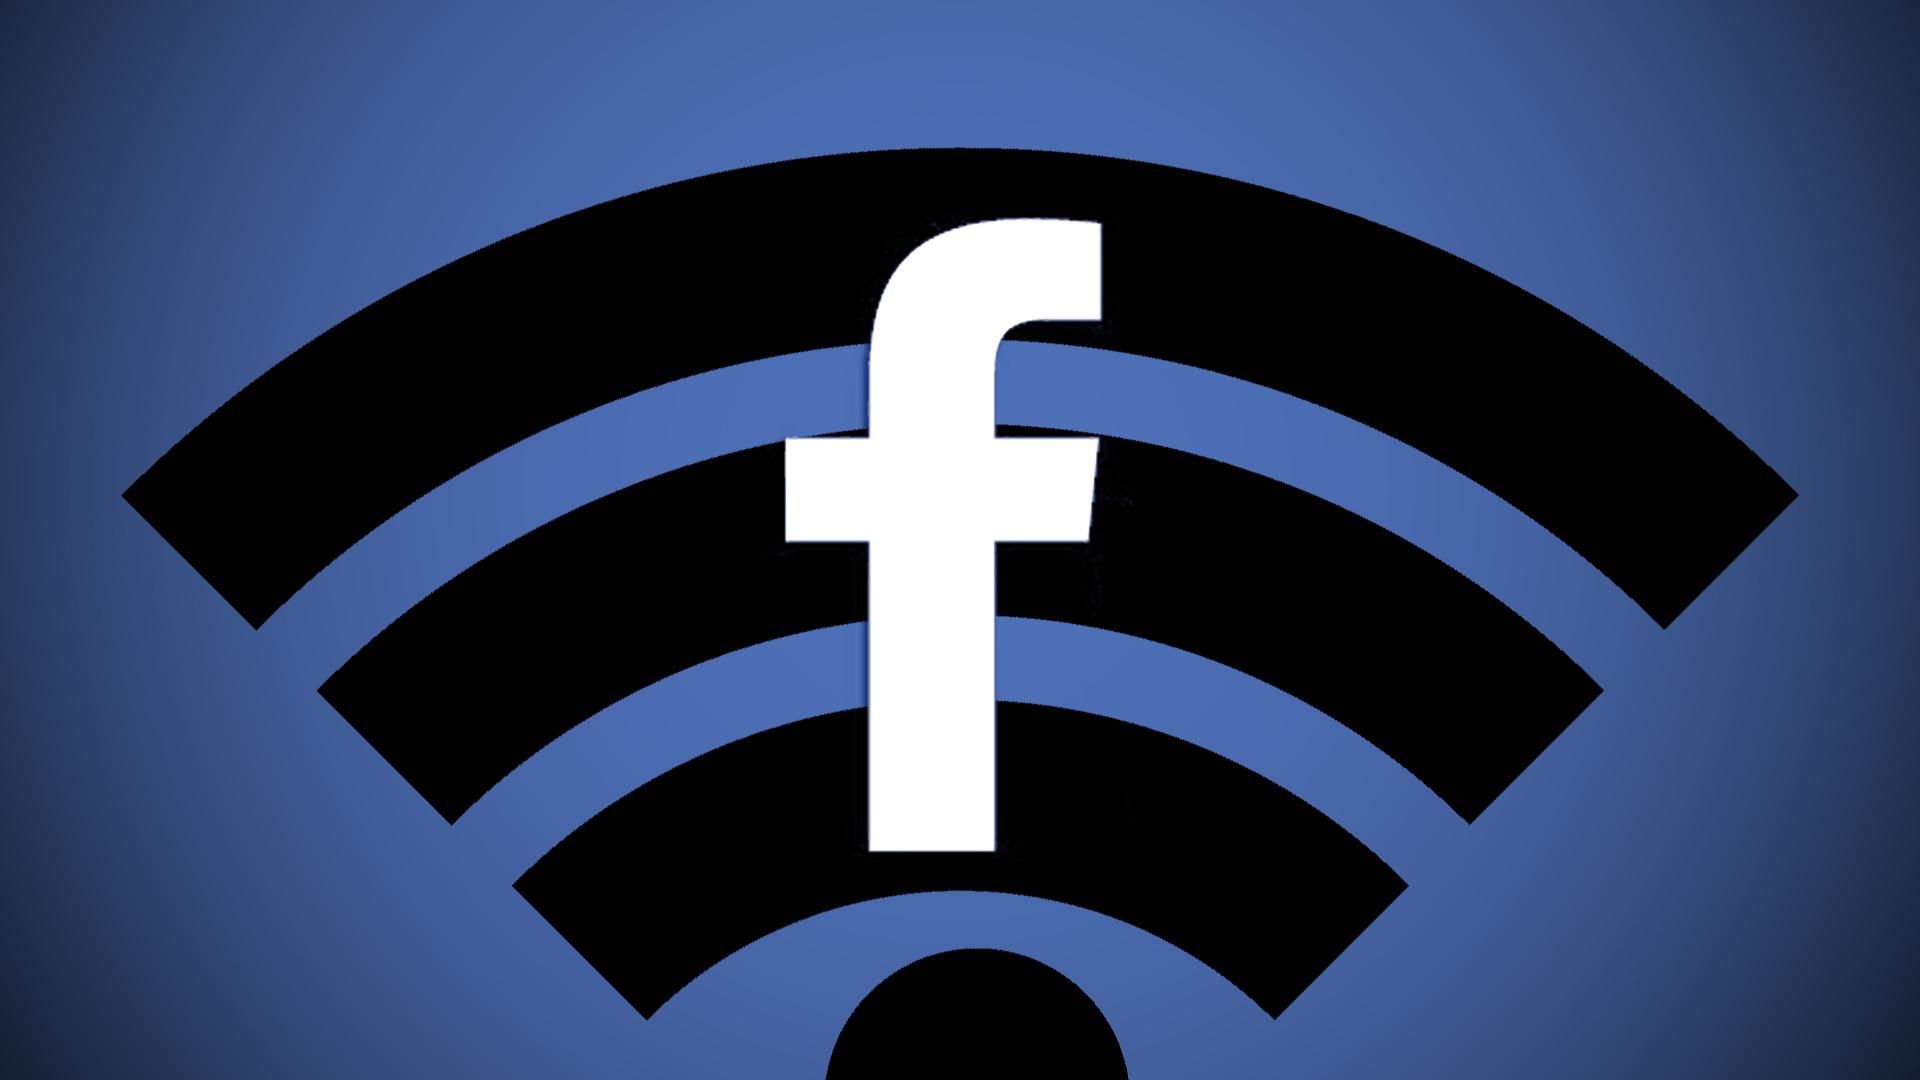 facebook-news-articles-rss2-ss-1920